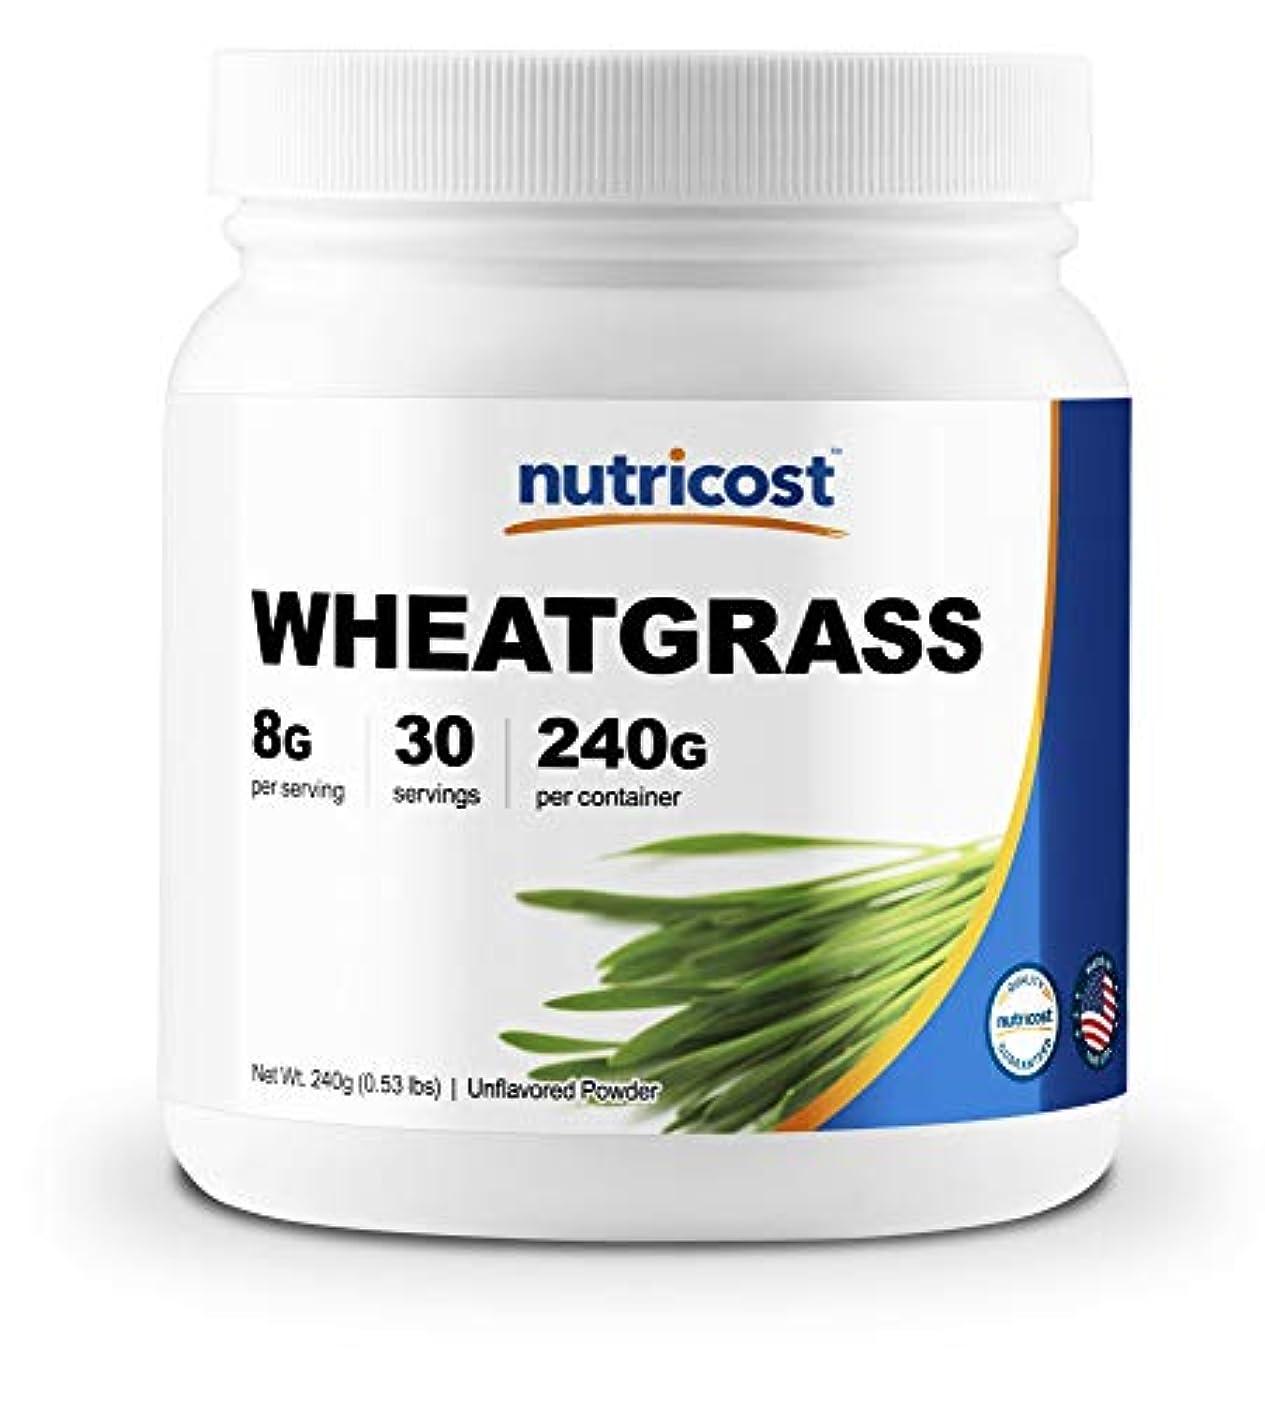 キャンセル浸透する似ているNutricost ウィートグラスパウダー (小麦若葉)、30食分、非GMO、グルテンフリー